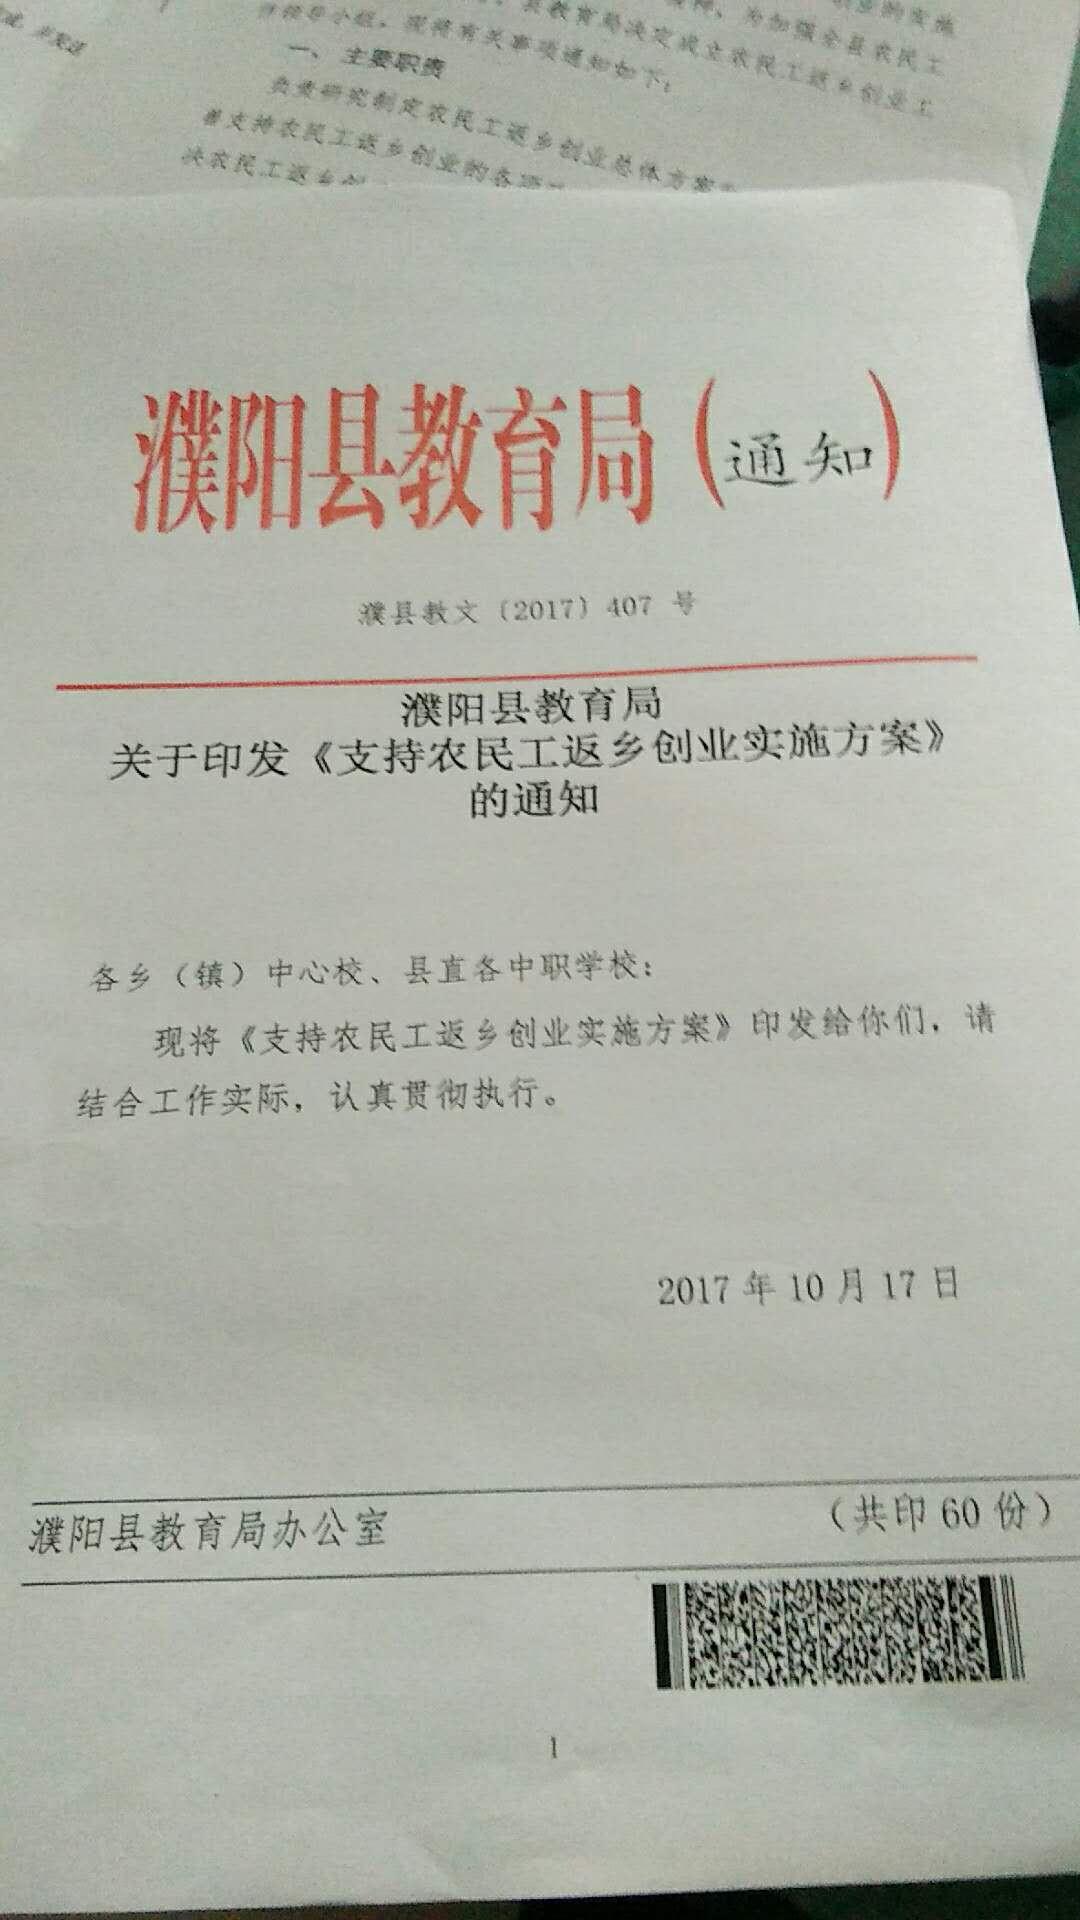 返乡农民工创业培训